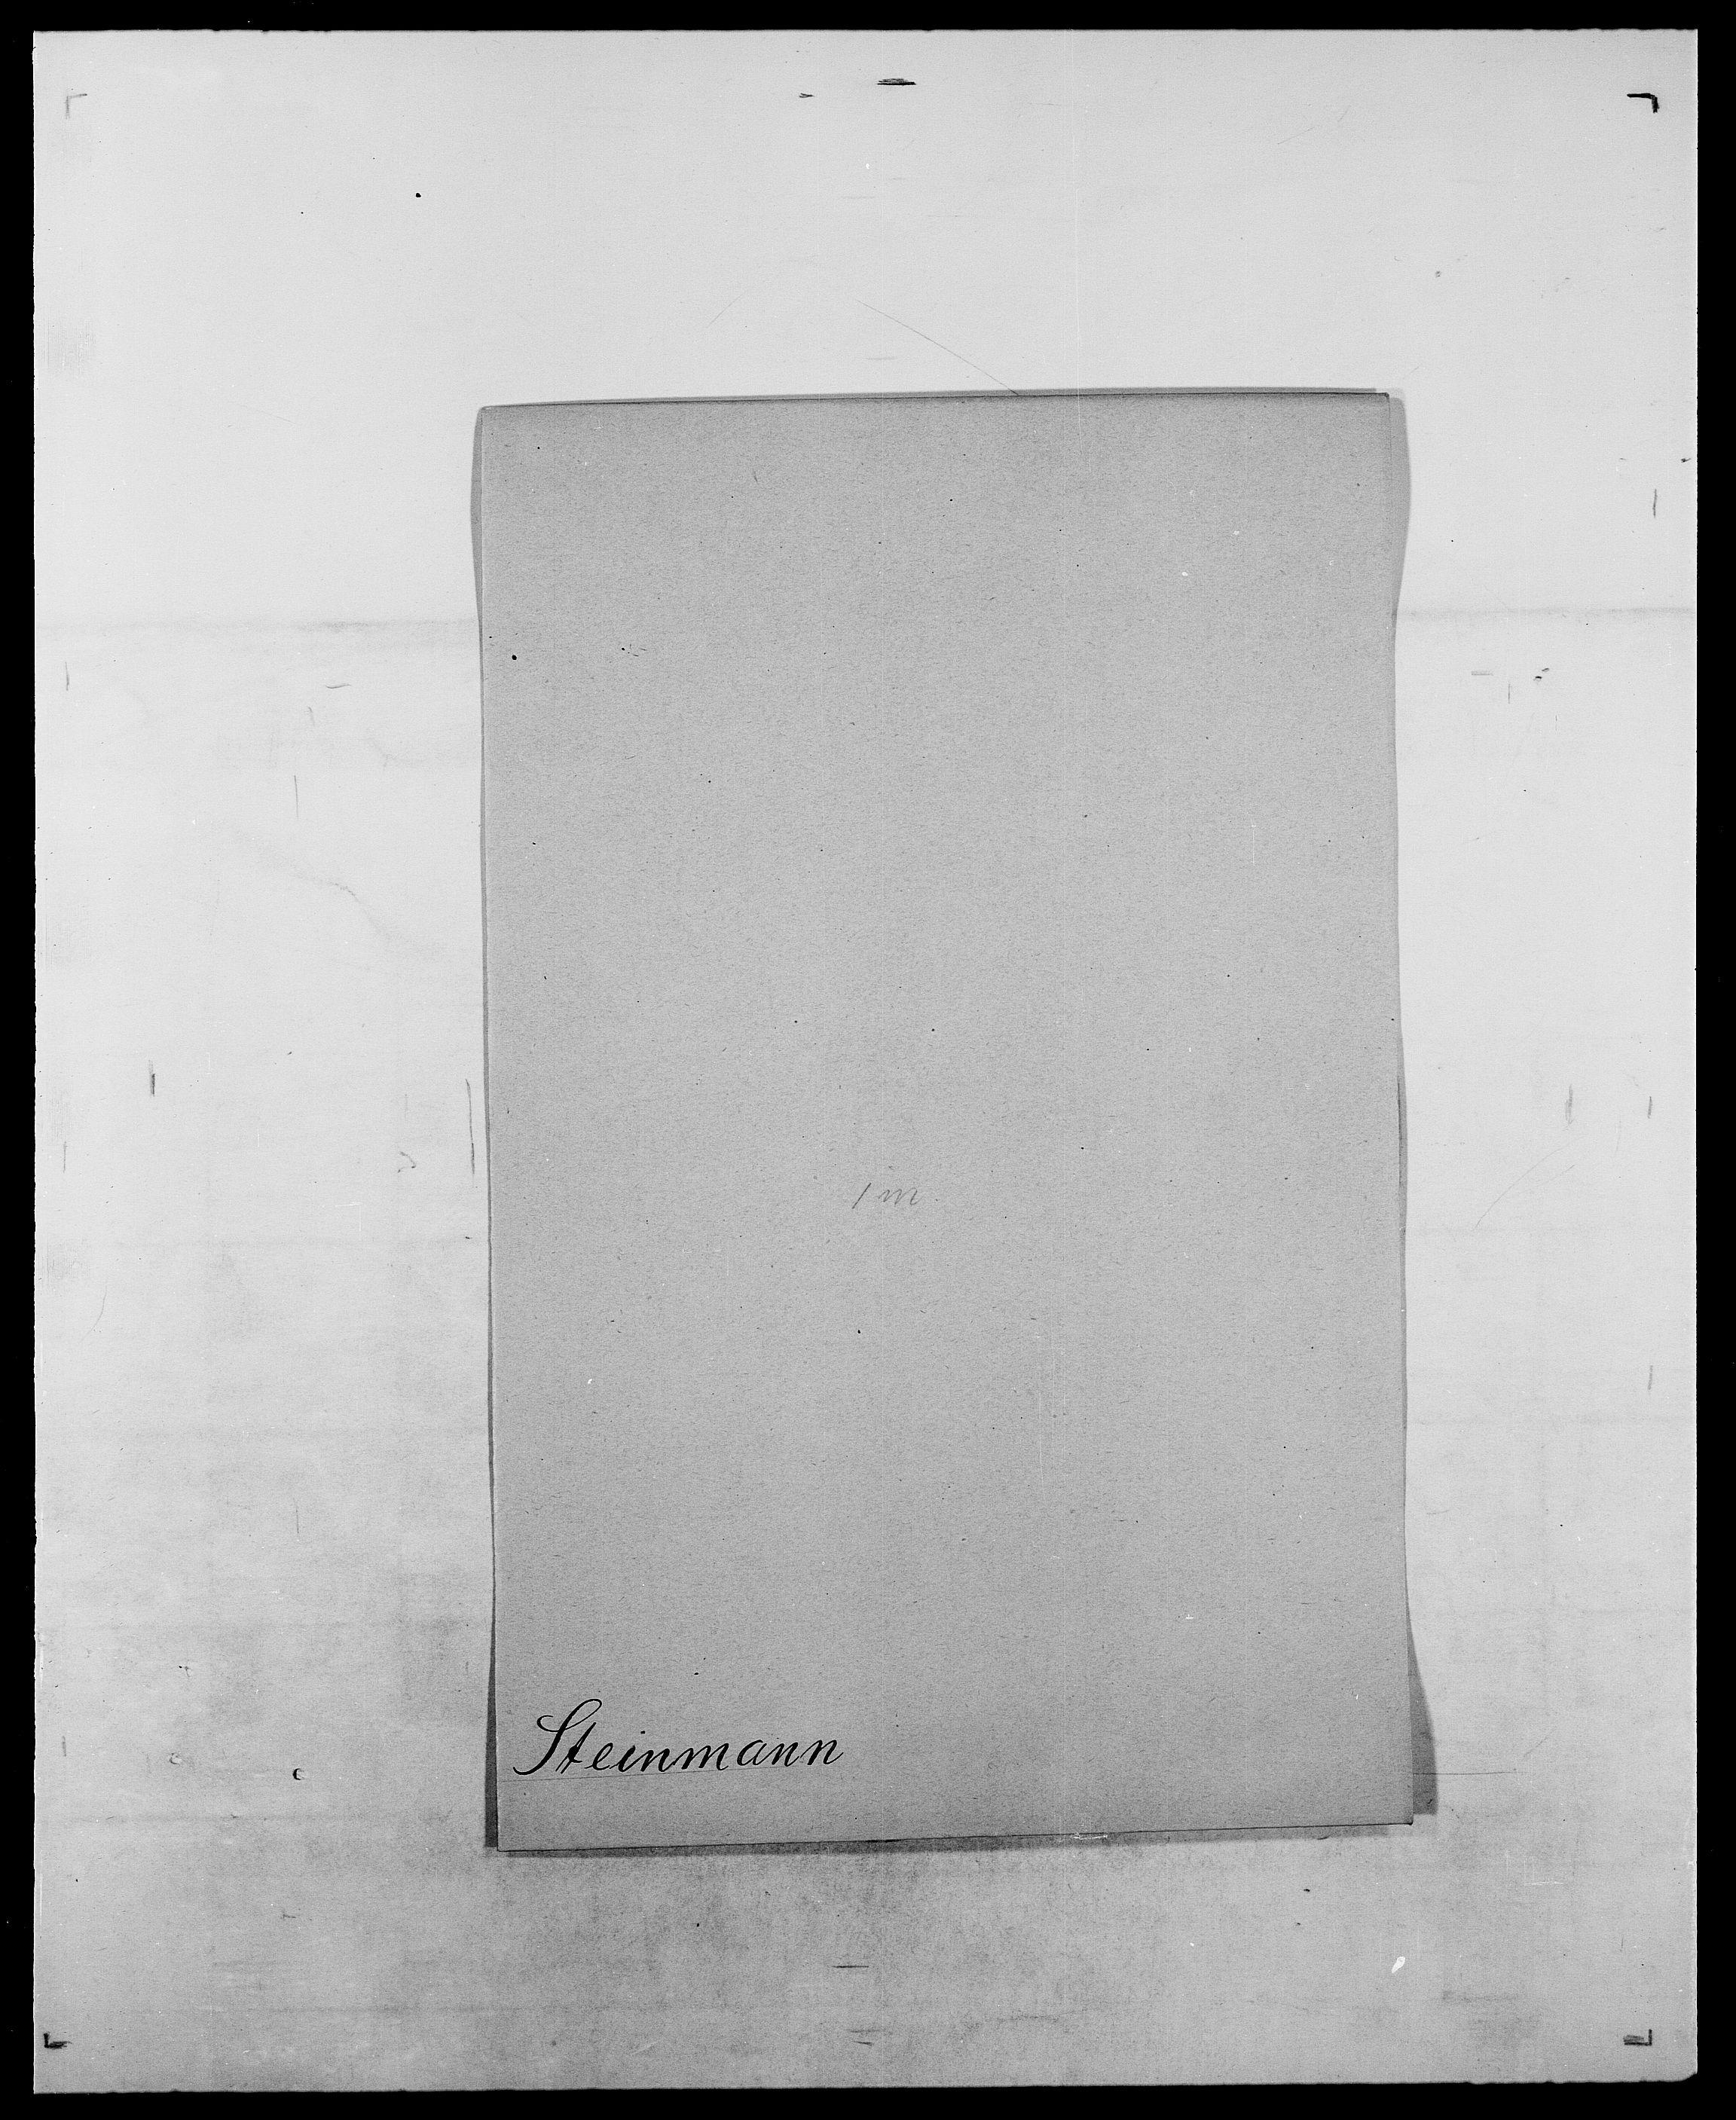 SAO, Delgobe, Charles Antoine - samling, D/Da/L0037: Steen, Sthen, Stein - Svare, Svanige, Svanne, se også Svanning og Schwane, s. 261